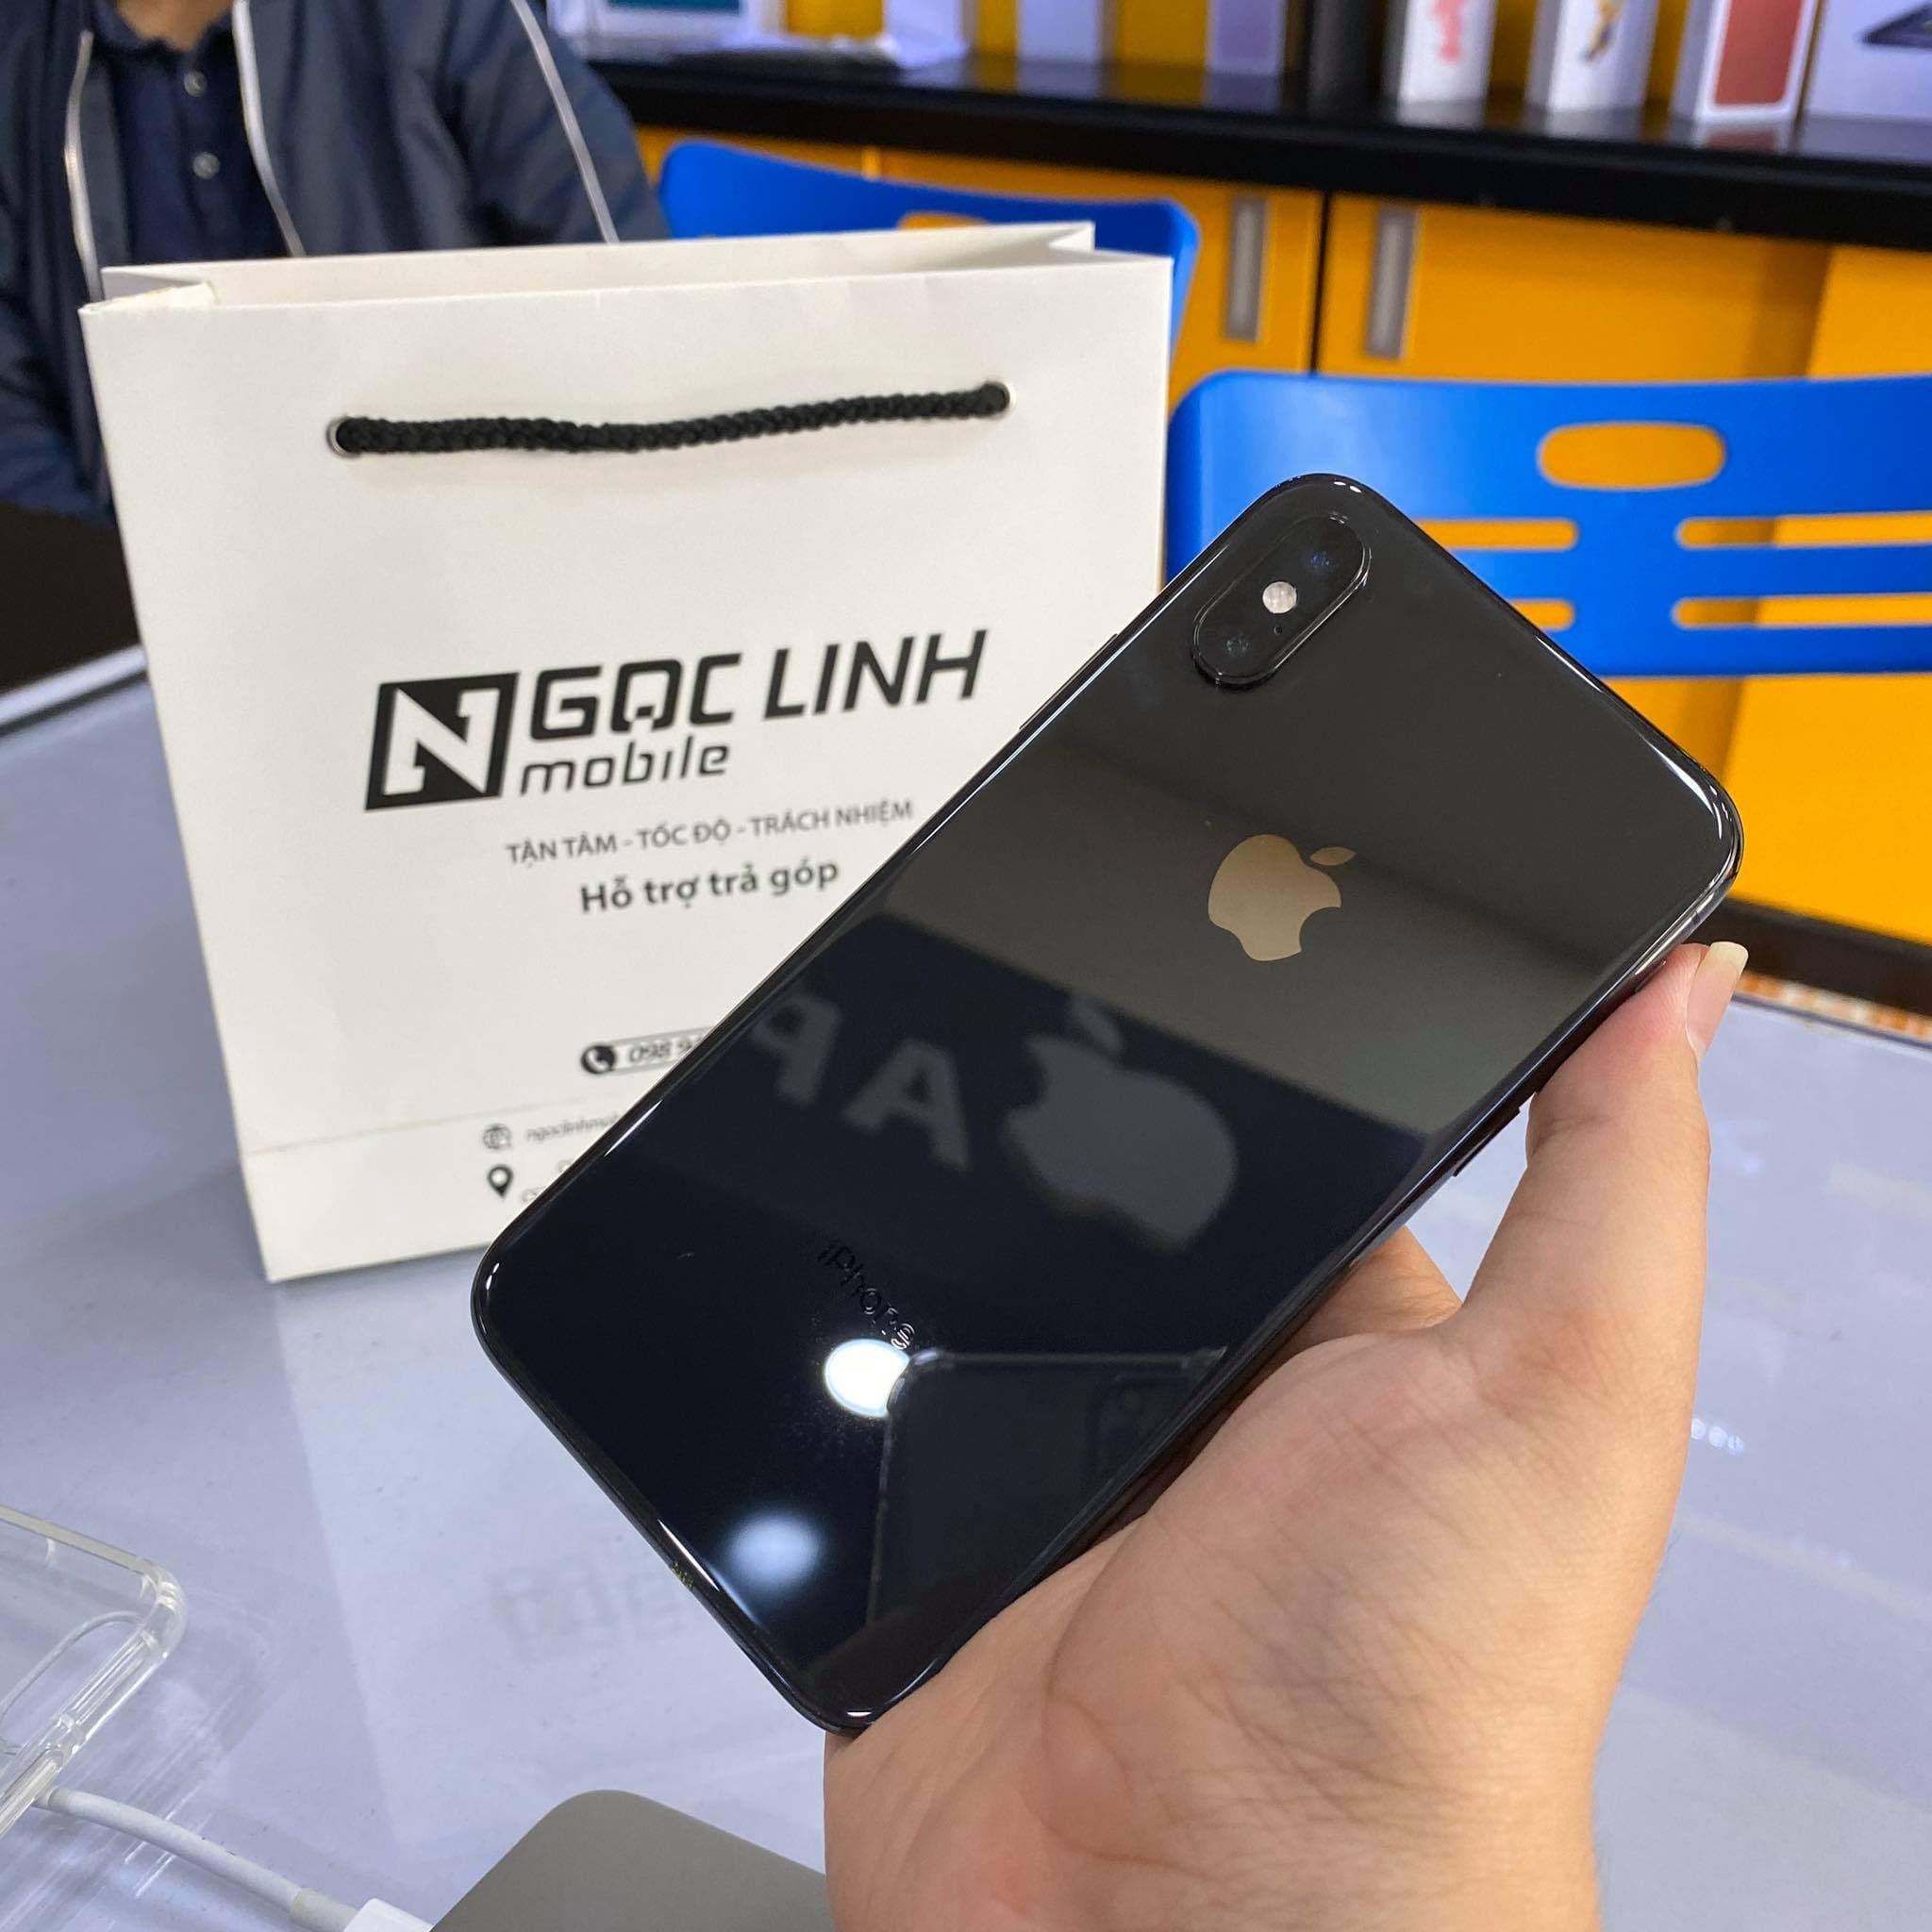 iPhone Xs - Tại sao nhiều người dùng lựa chọn iPhone Xs thay vì iPhone X?